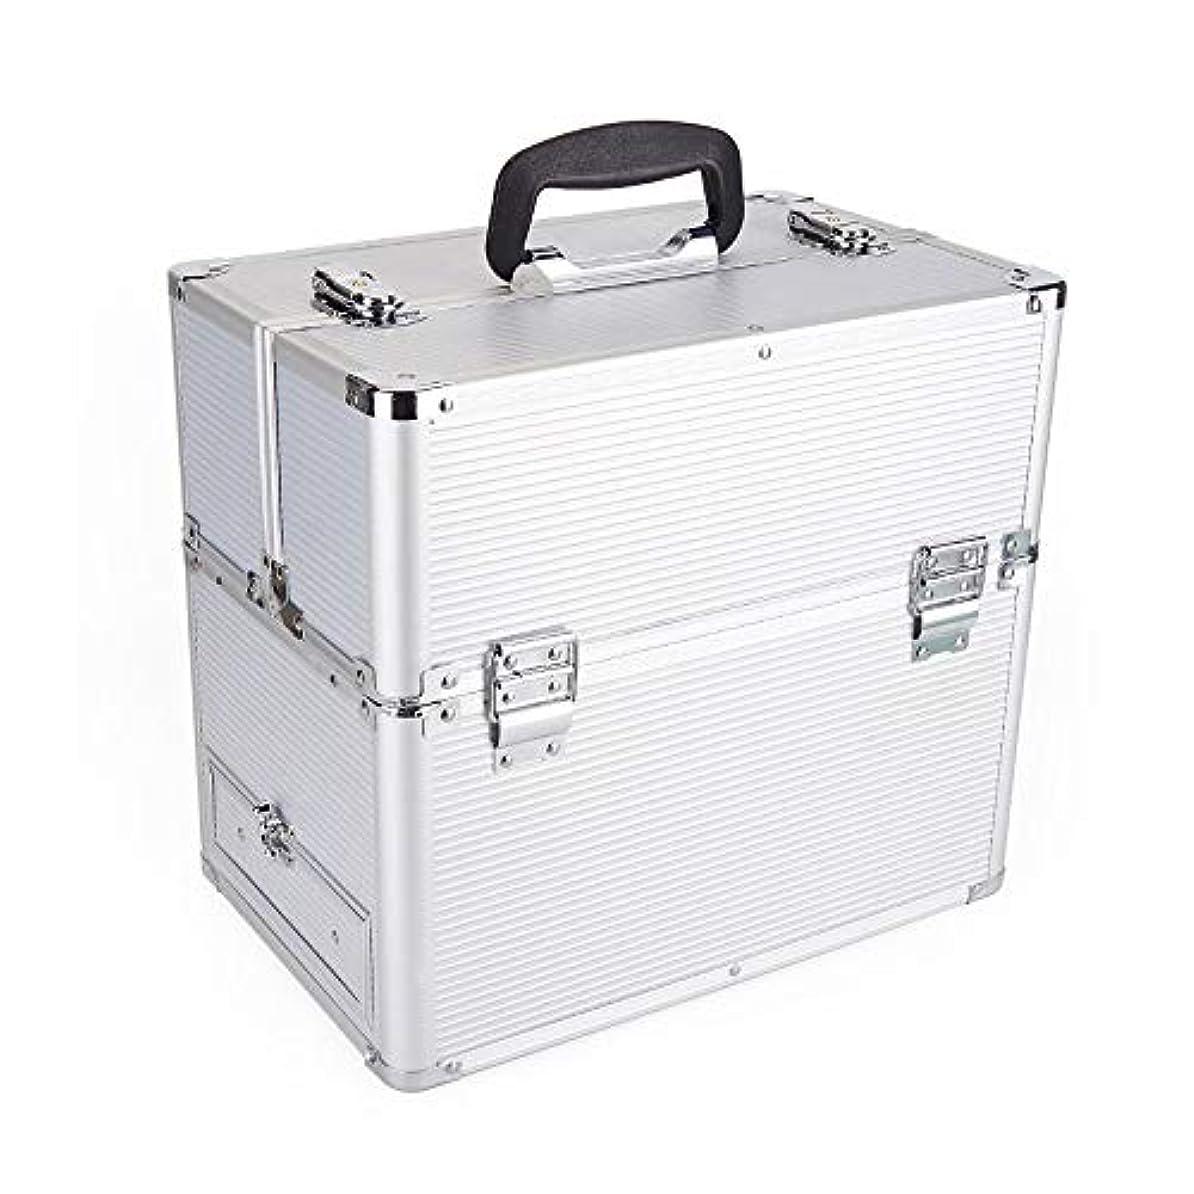 ループ増強する電圧閉じた収納メイクボックス 2つの層アルミニウム化粧箱オーガナイザーバニティロック可能な美容メイクアップネイルジュエリーポータブルケース収納ボックス